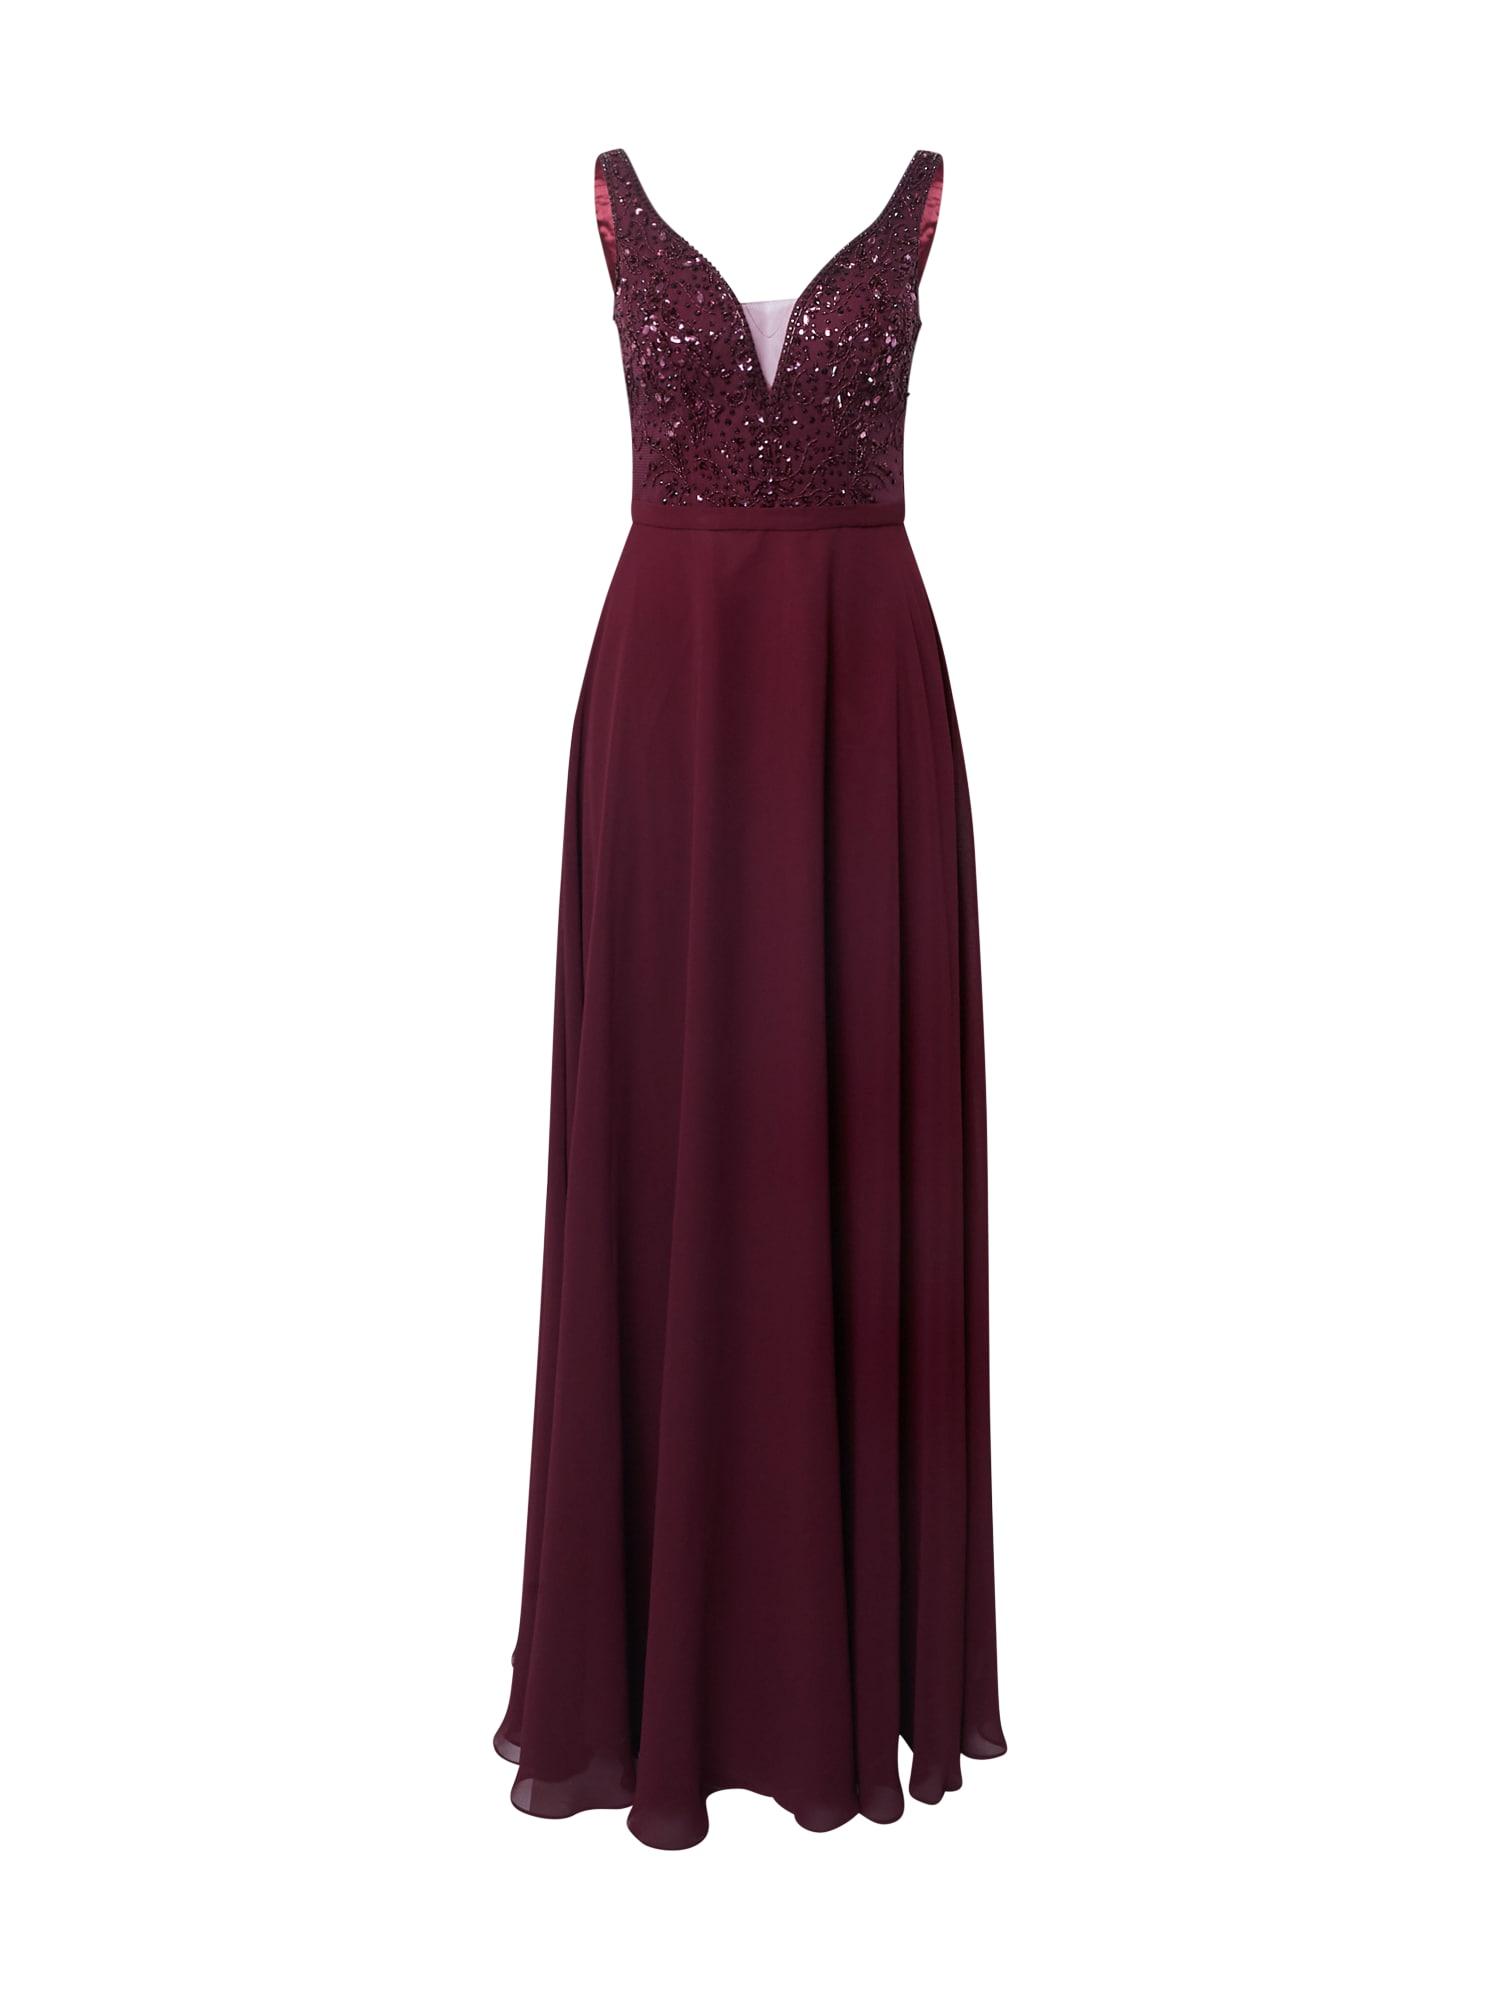 Unique Vakarinė suknelė vyno raudona spalva